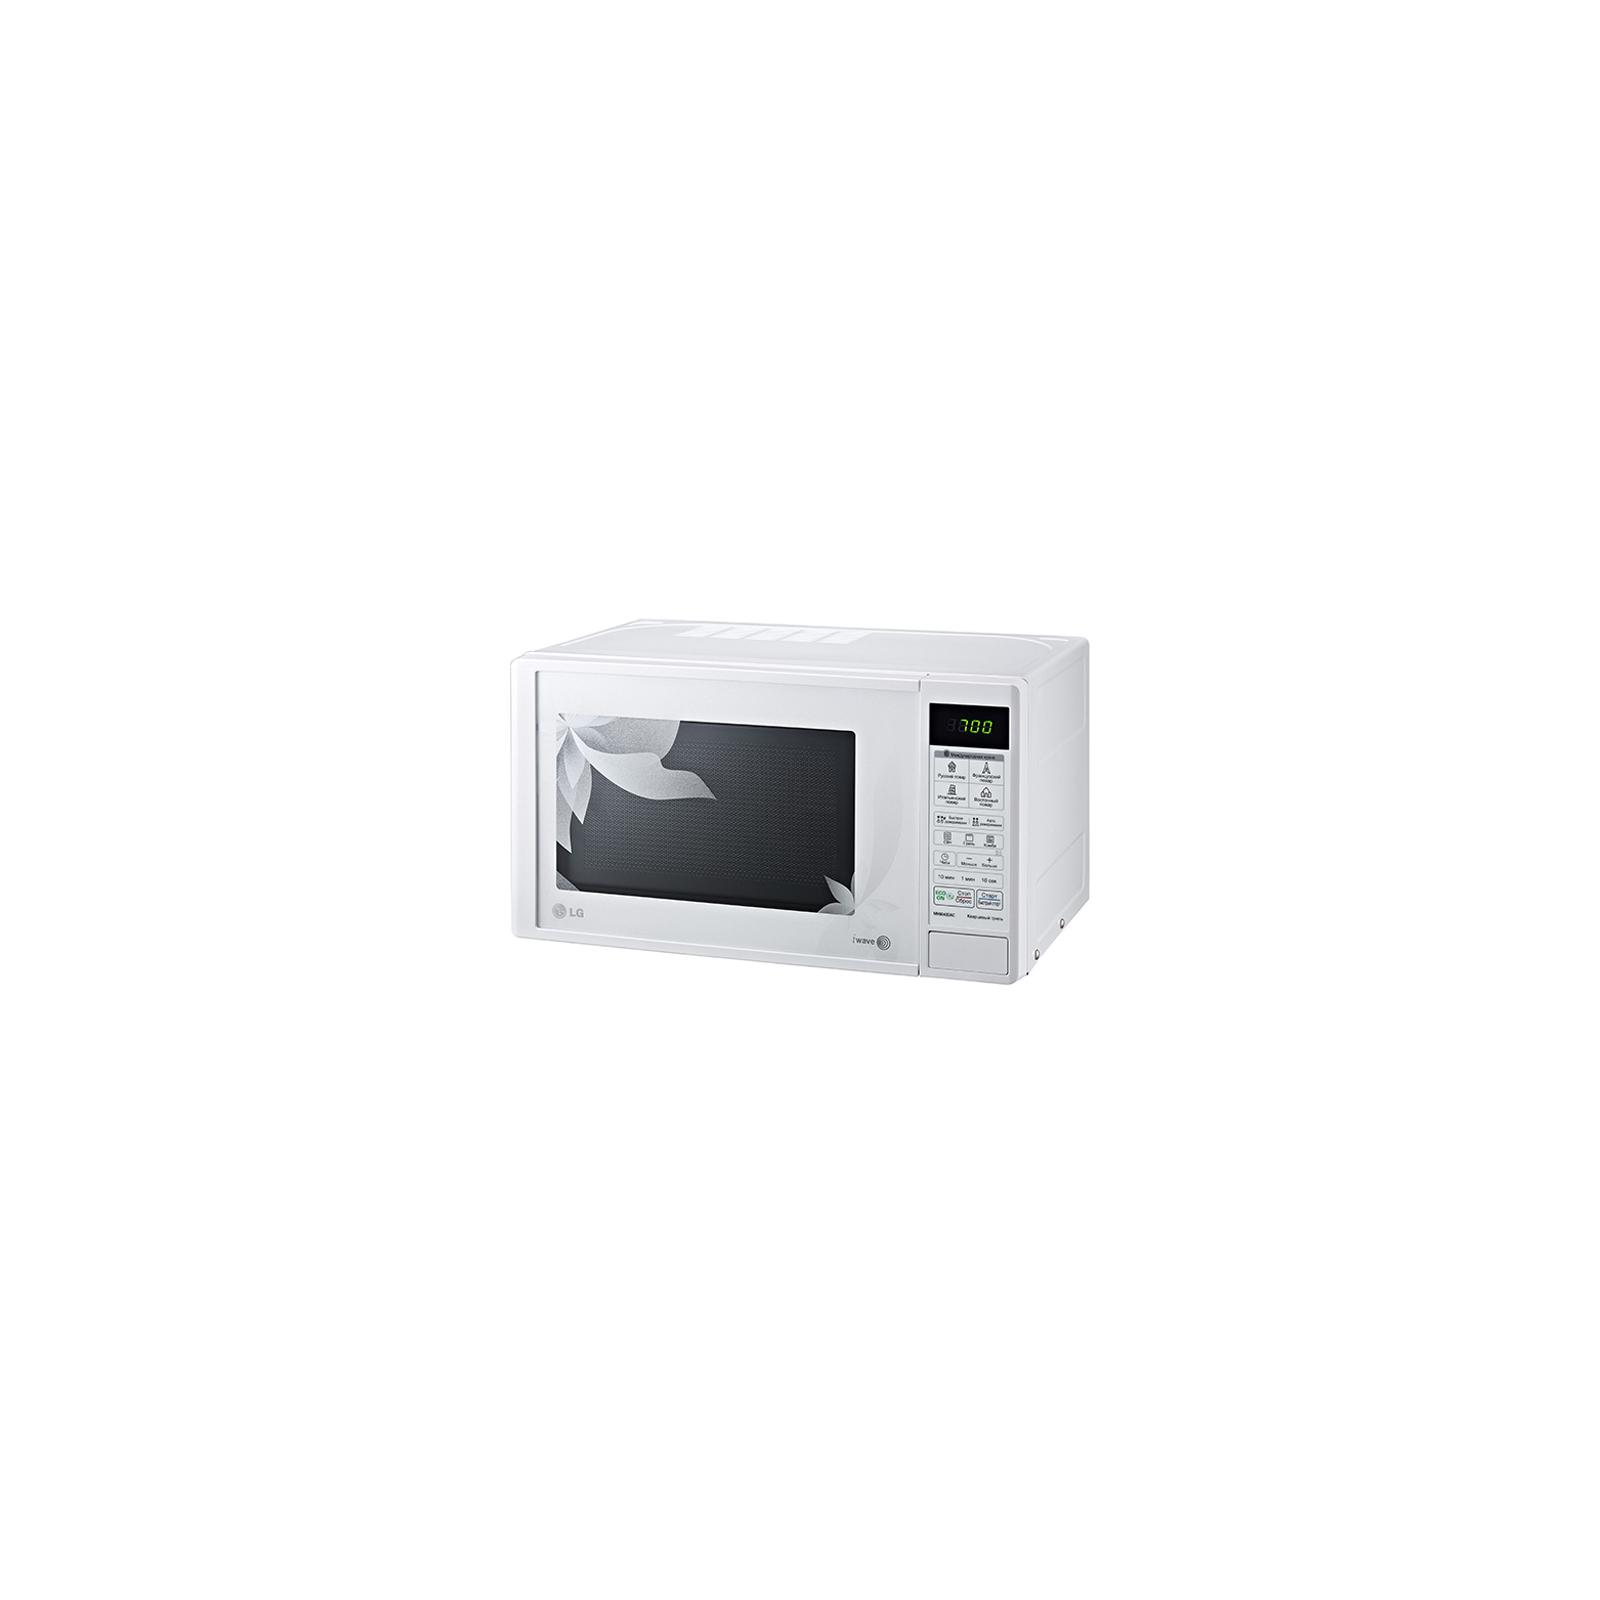 Микроволновая печь LG MH6043DAC изображение 2